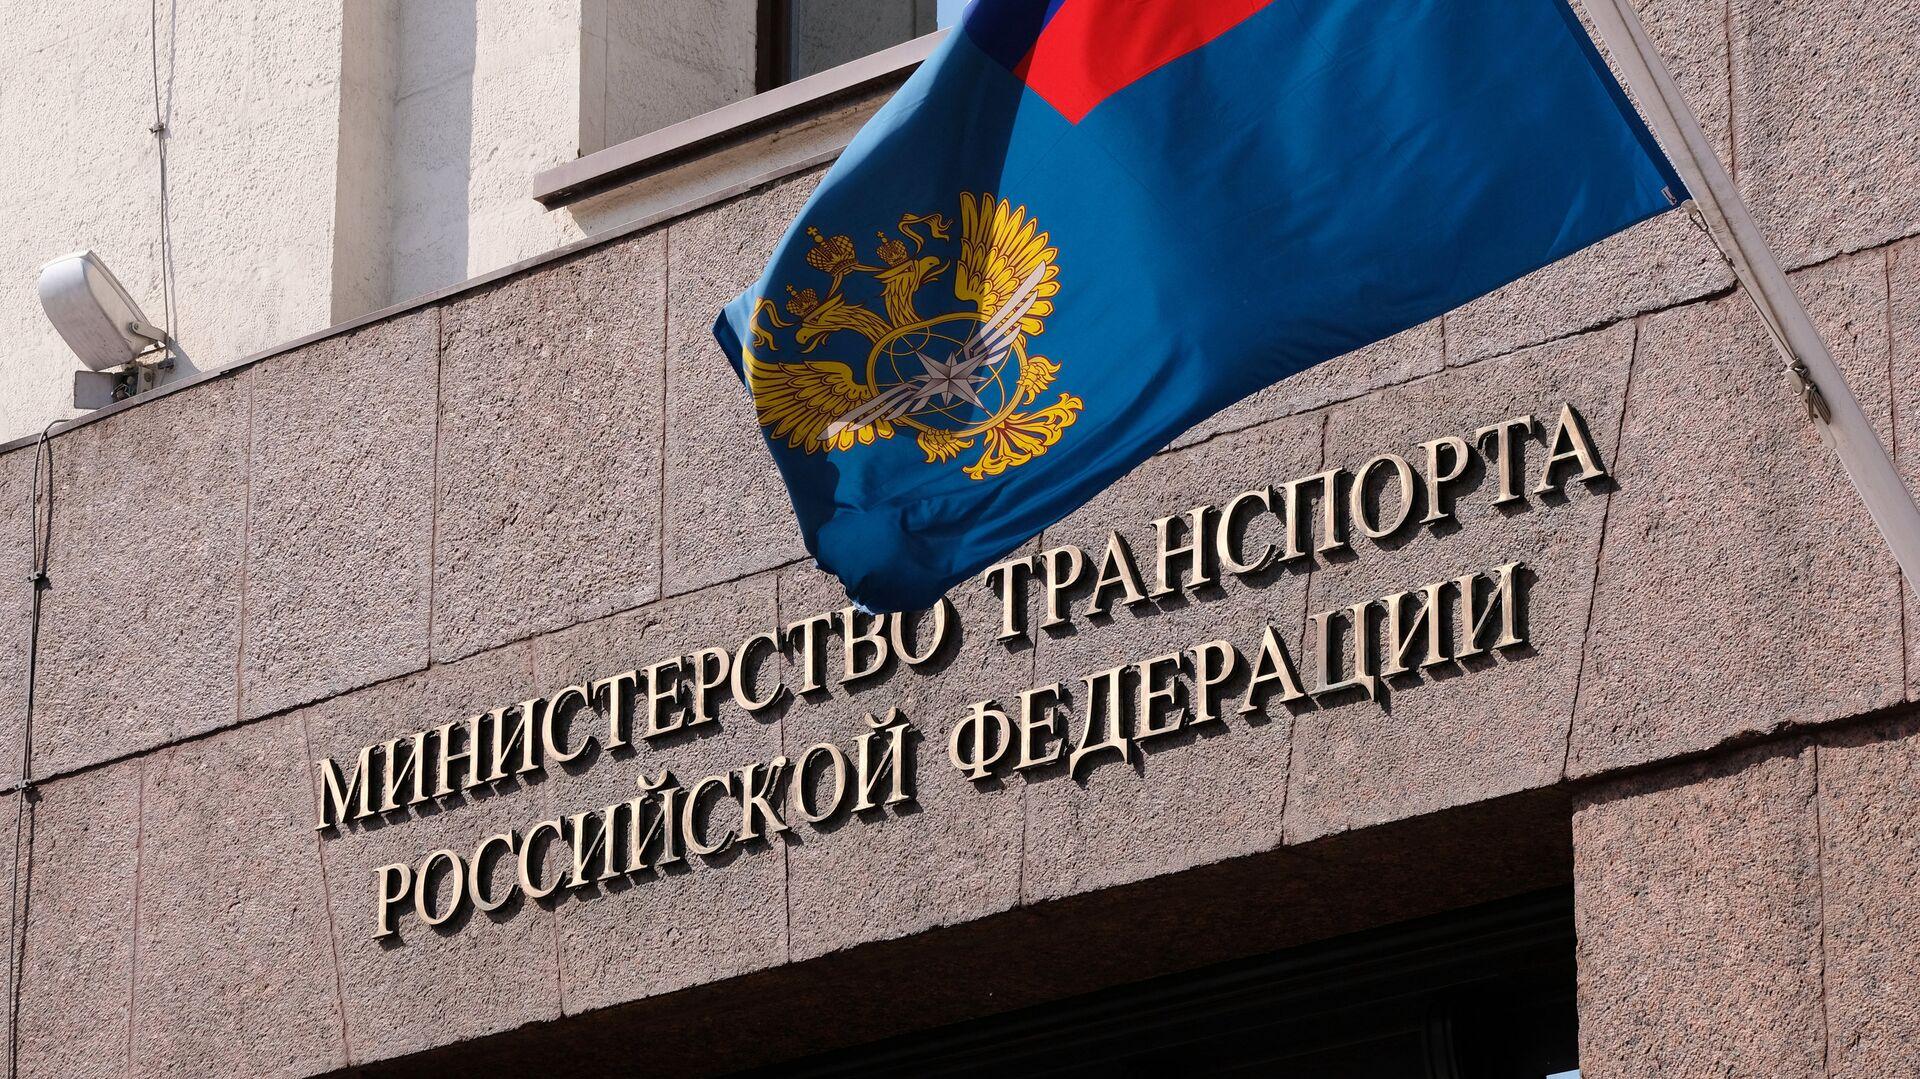 Вывеска на здании министерства транспорта РФ - РИА Новости, 1920, 05.10.2020